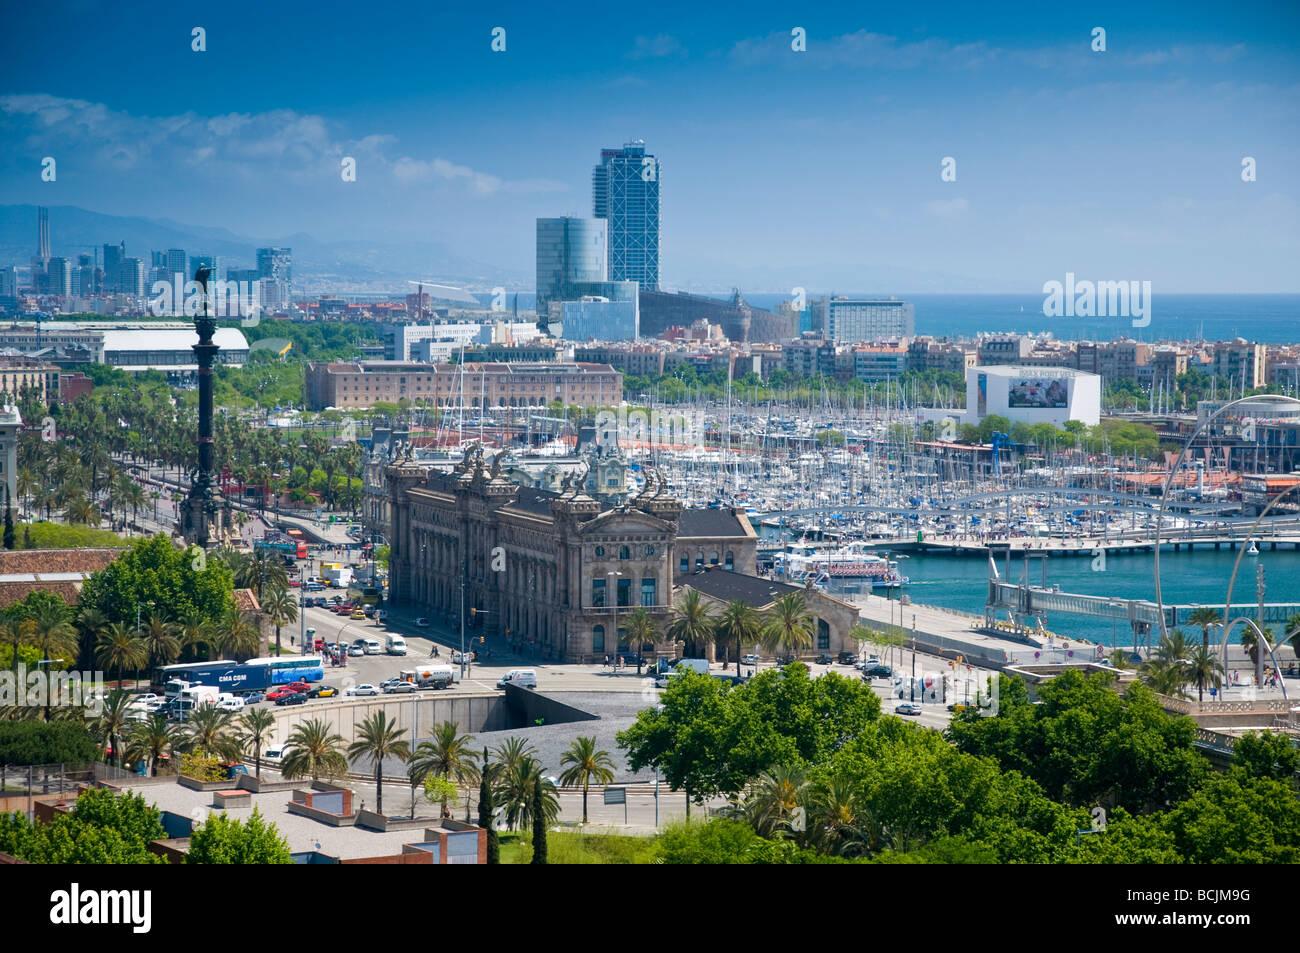 Spain, Barcelona, Port Vell (Old Port) - Stock Image